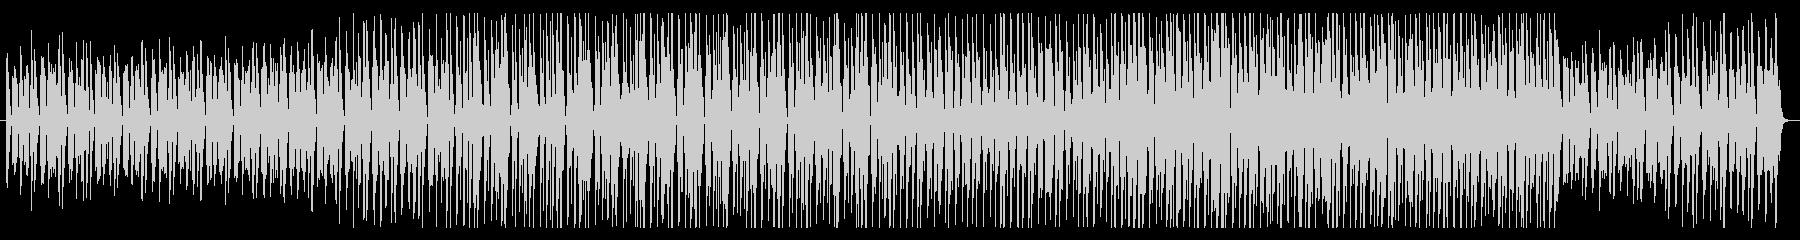 グルーヴ感のあるお洒落なBGMの未再生の波形